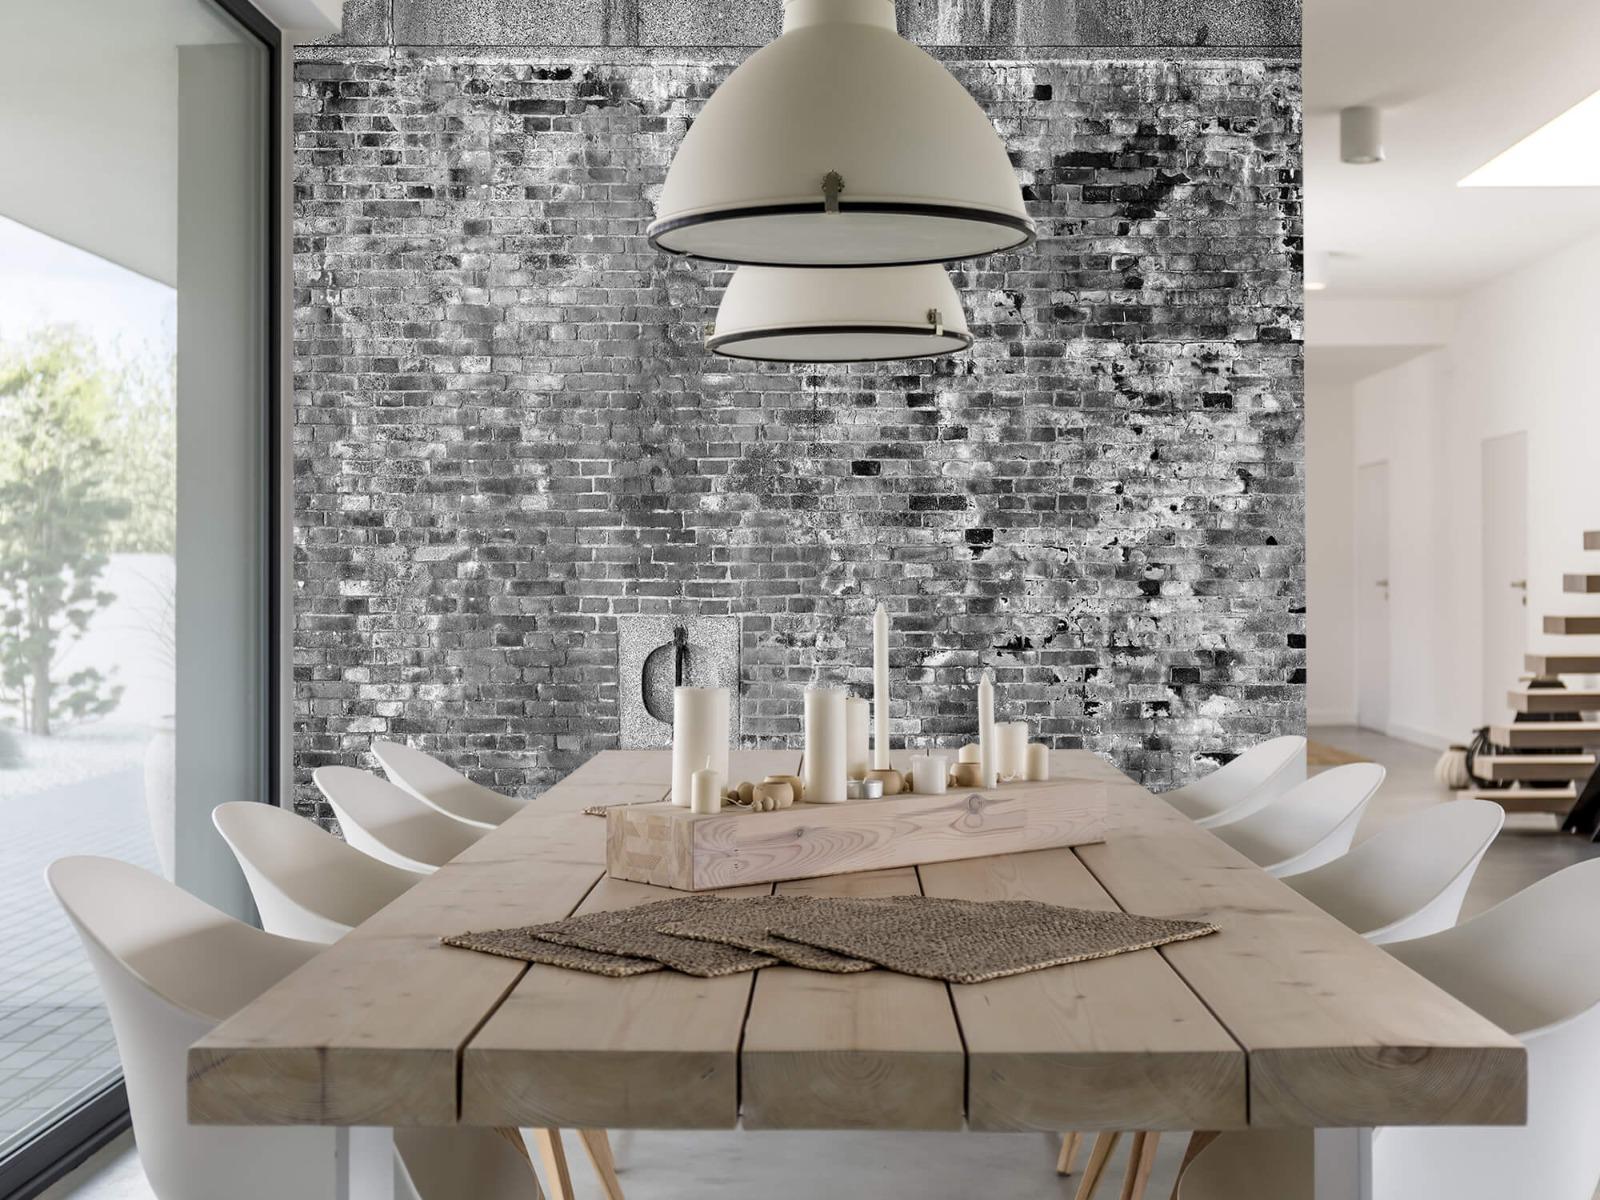 Steen behang - Verweerde muur - Tienerkamer 22